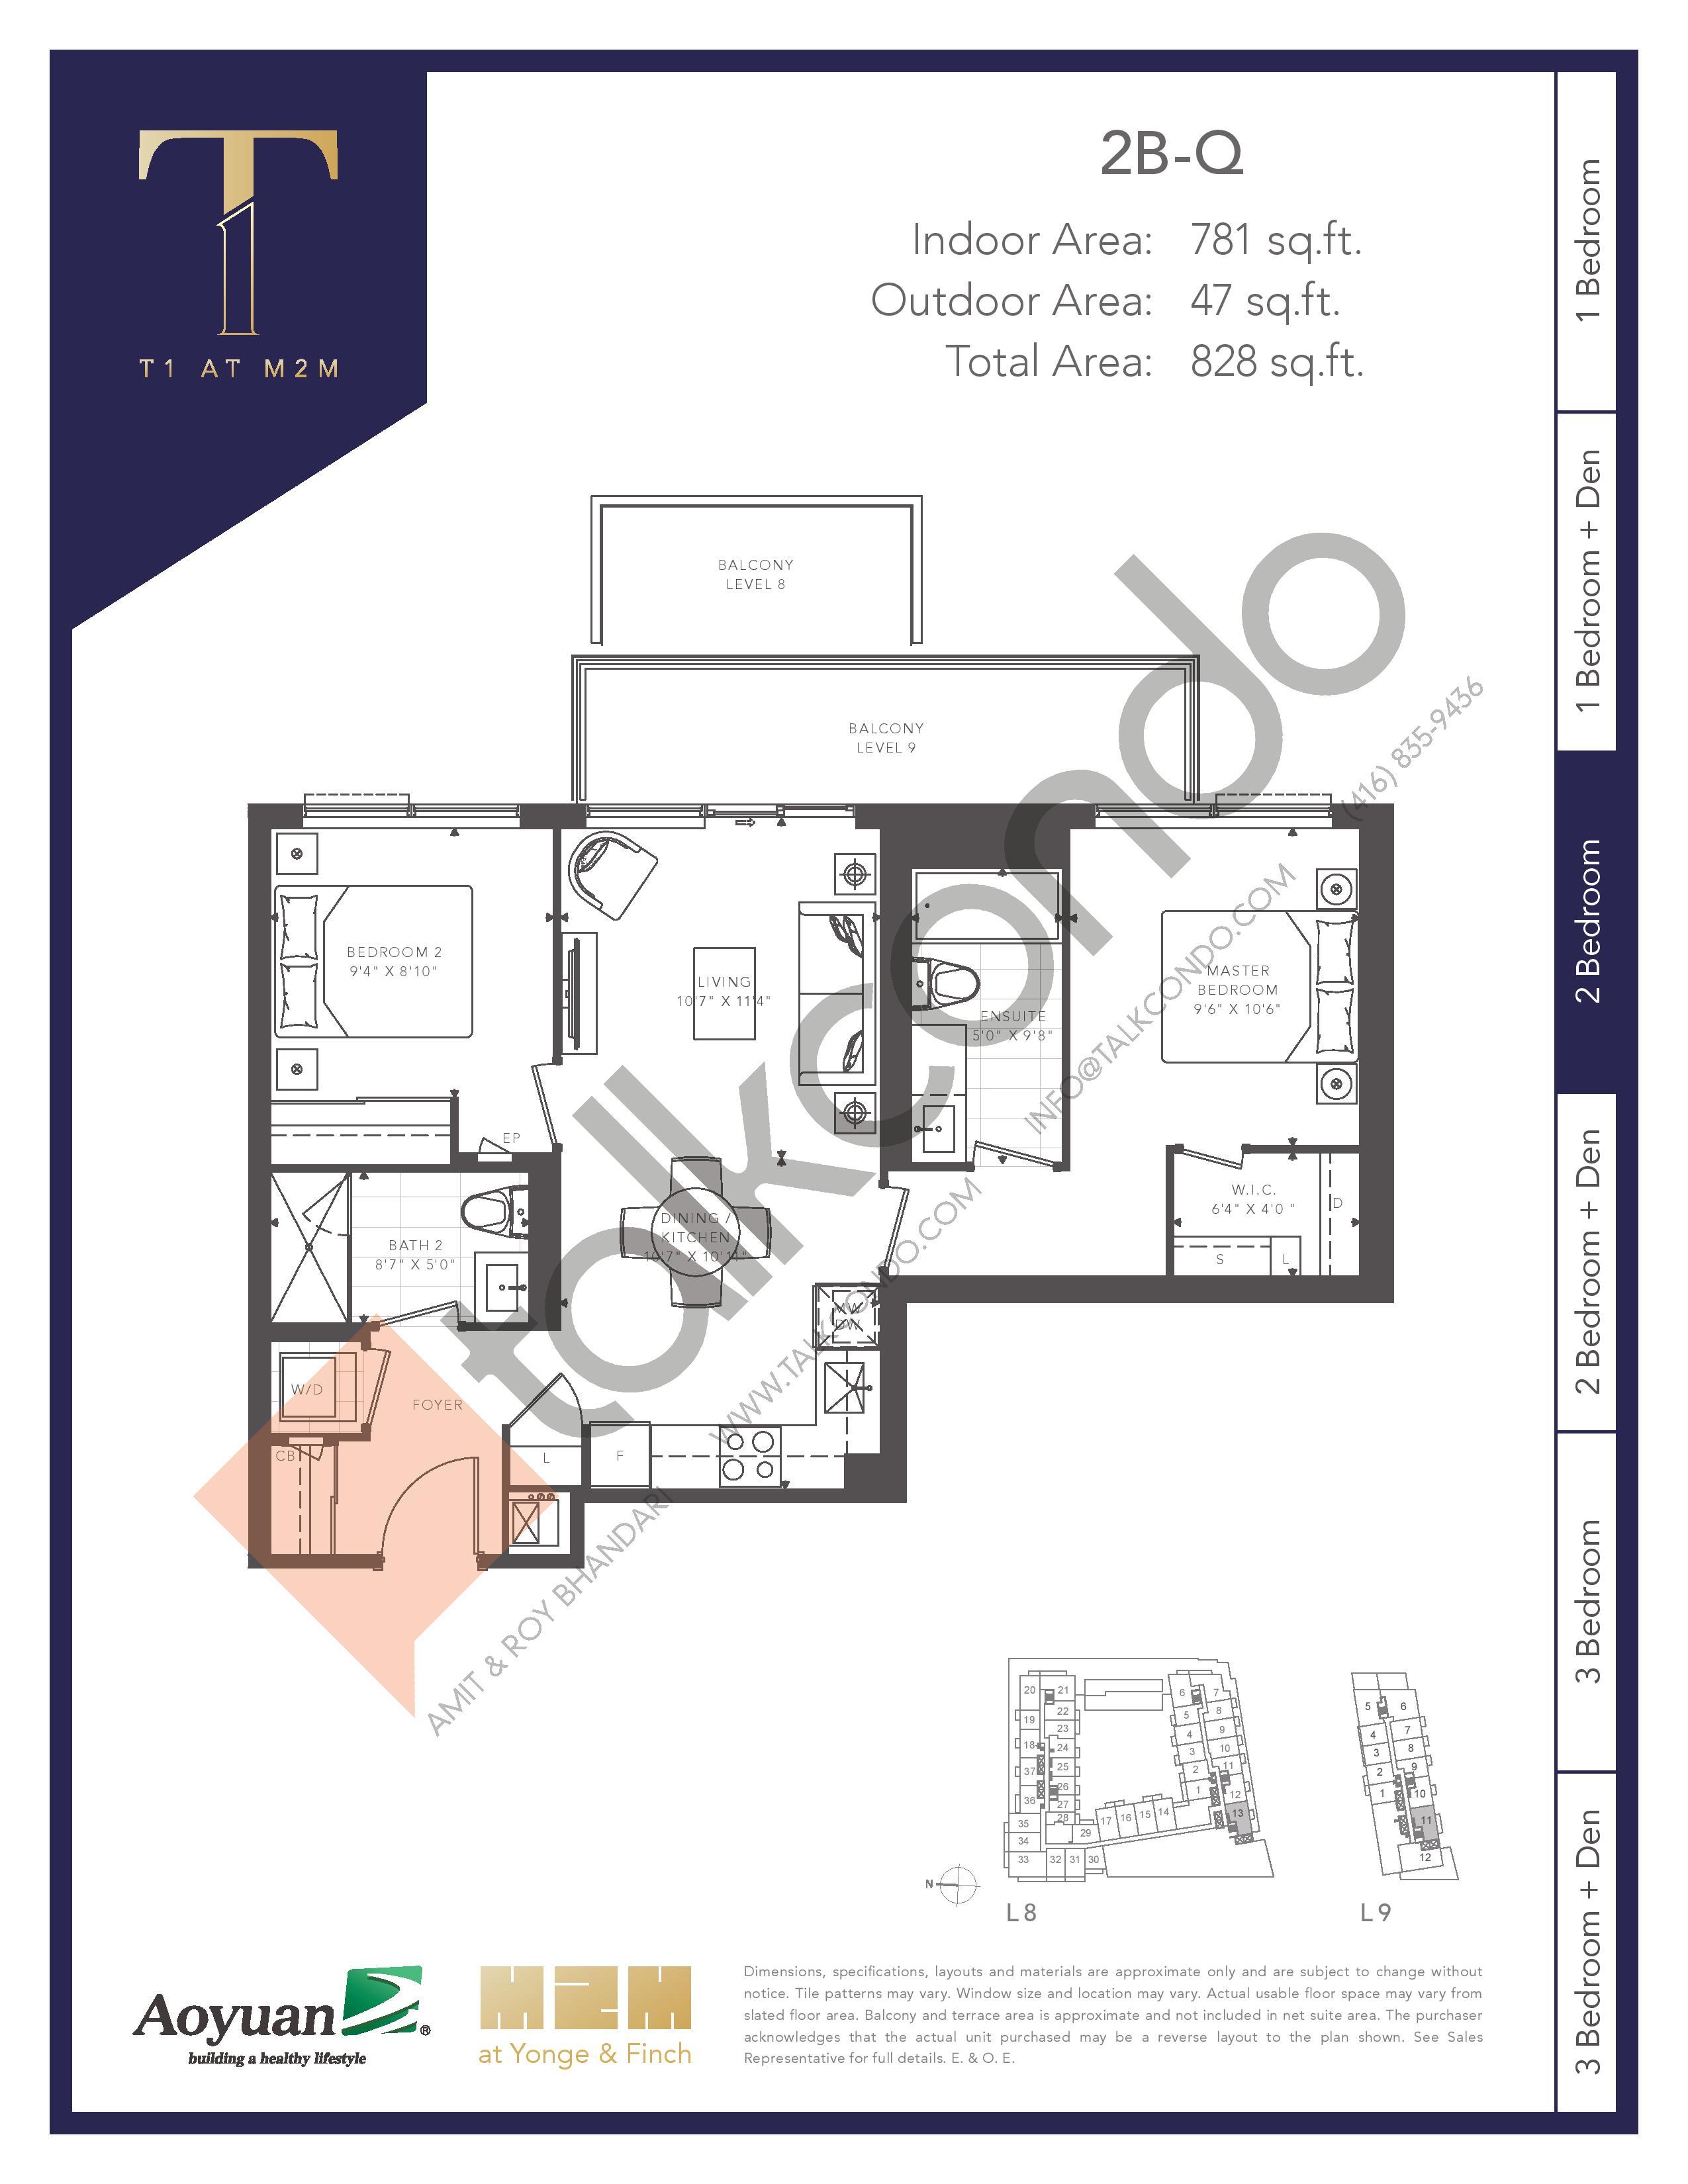 2B-Q (Tower) Floor Plan at T1 at M2M Condos - 781 sq.ft